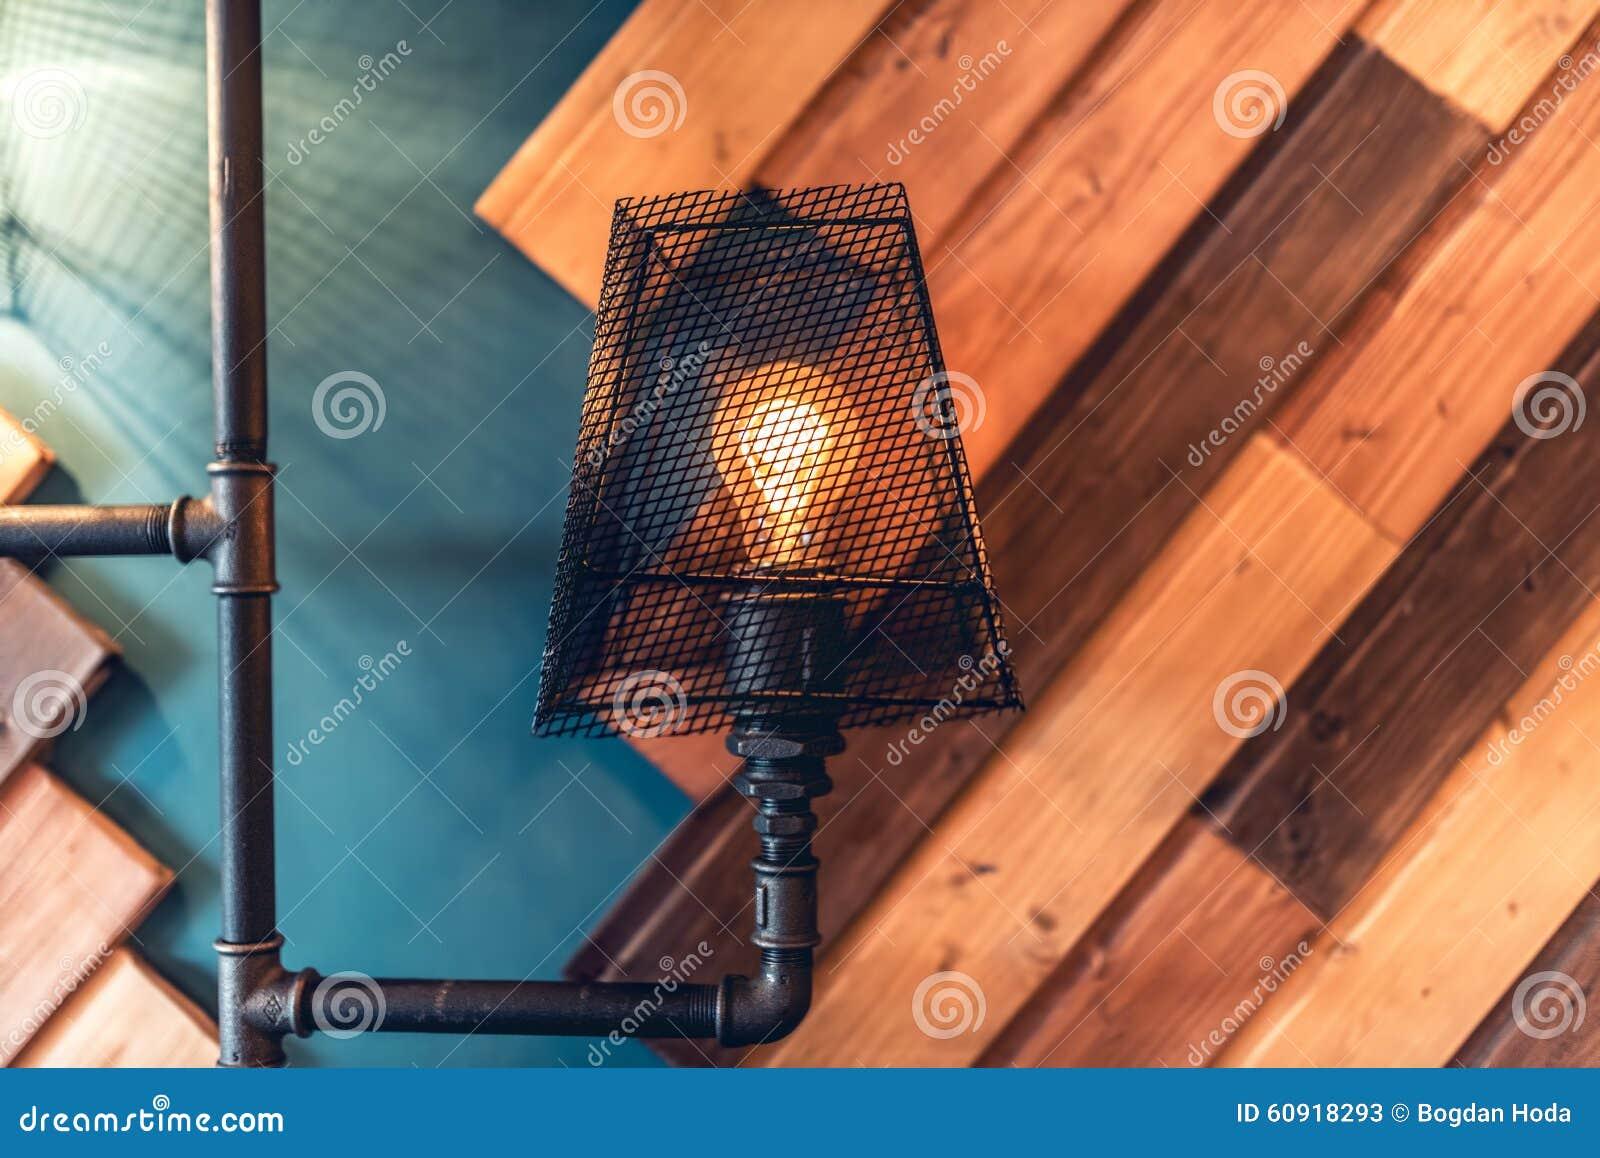 Lampor för inredesign, vardagsrumutrymme med väggar och detaljer modern arkitektur och design